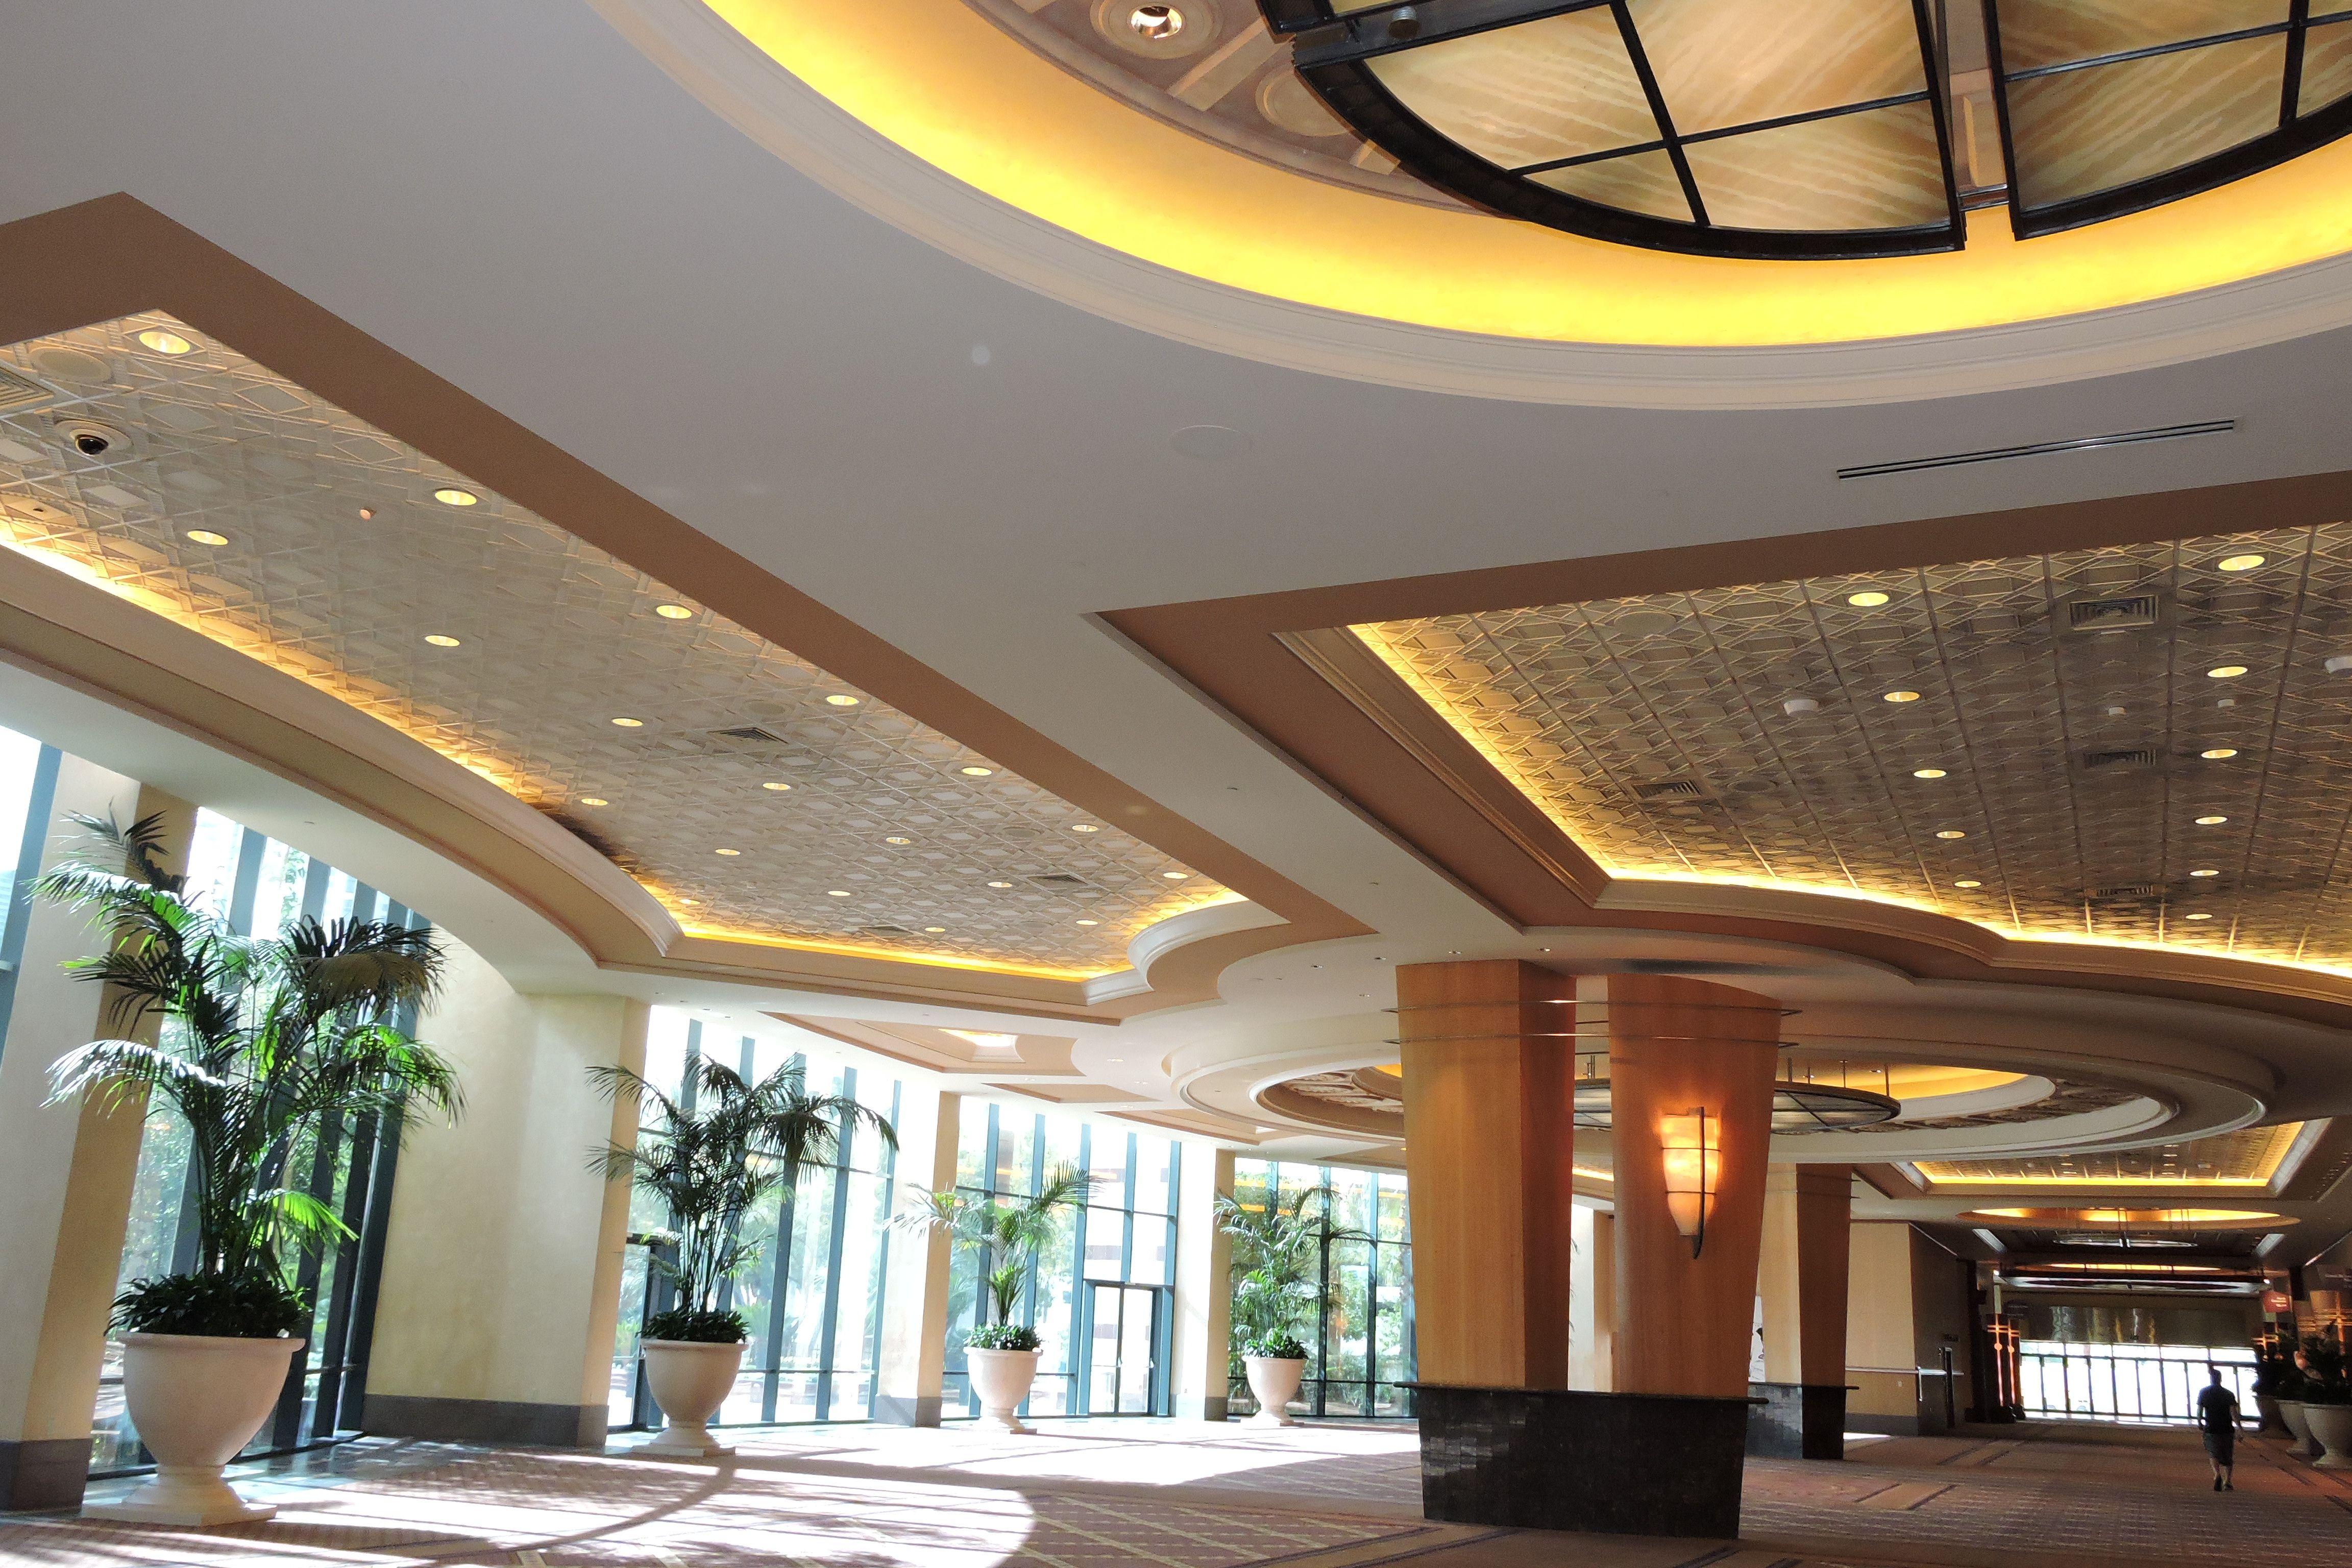 MGM Conference Center Las Vegas NV Art Deco I Ceiling TIle TL 0026